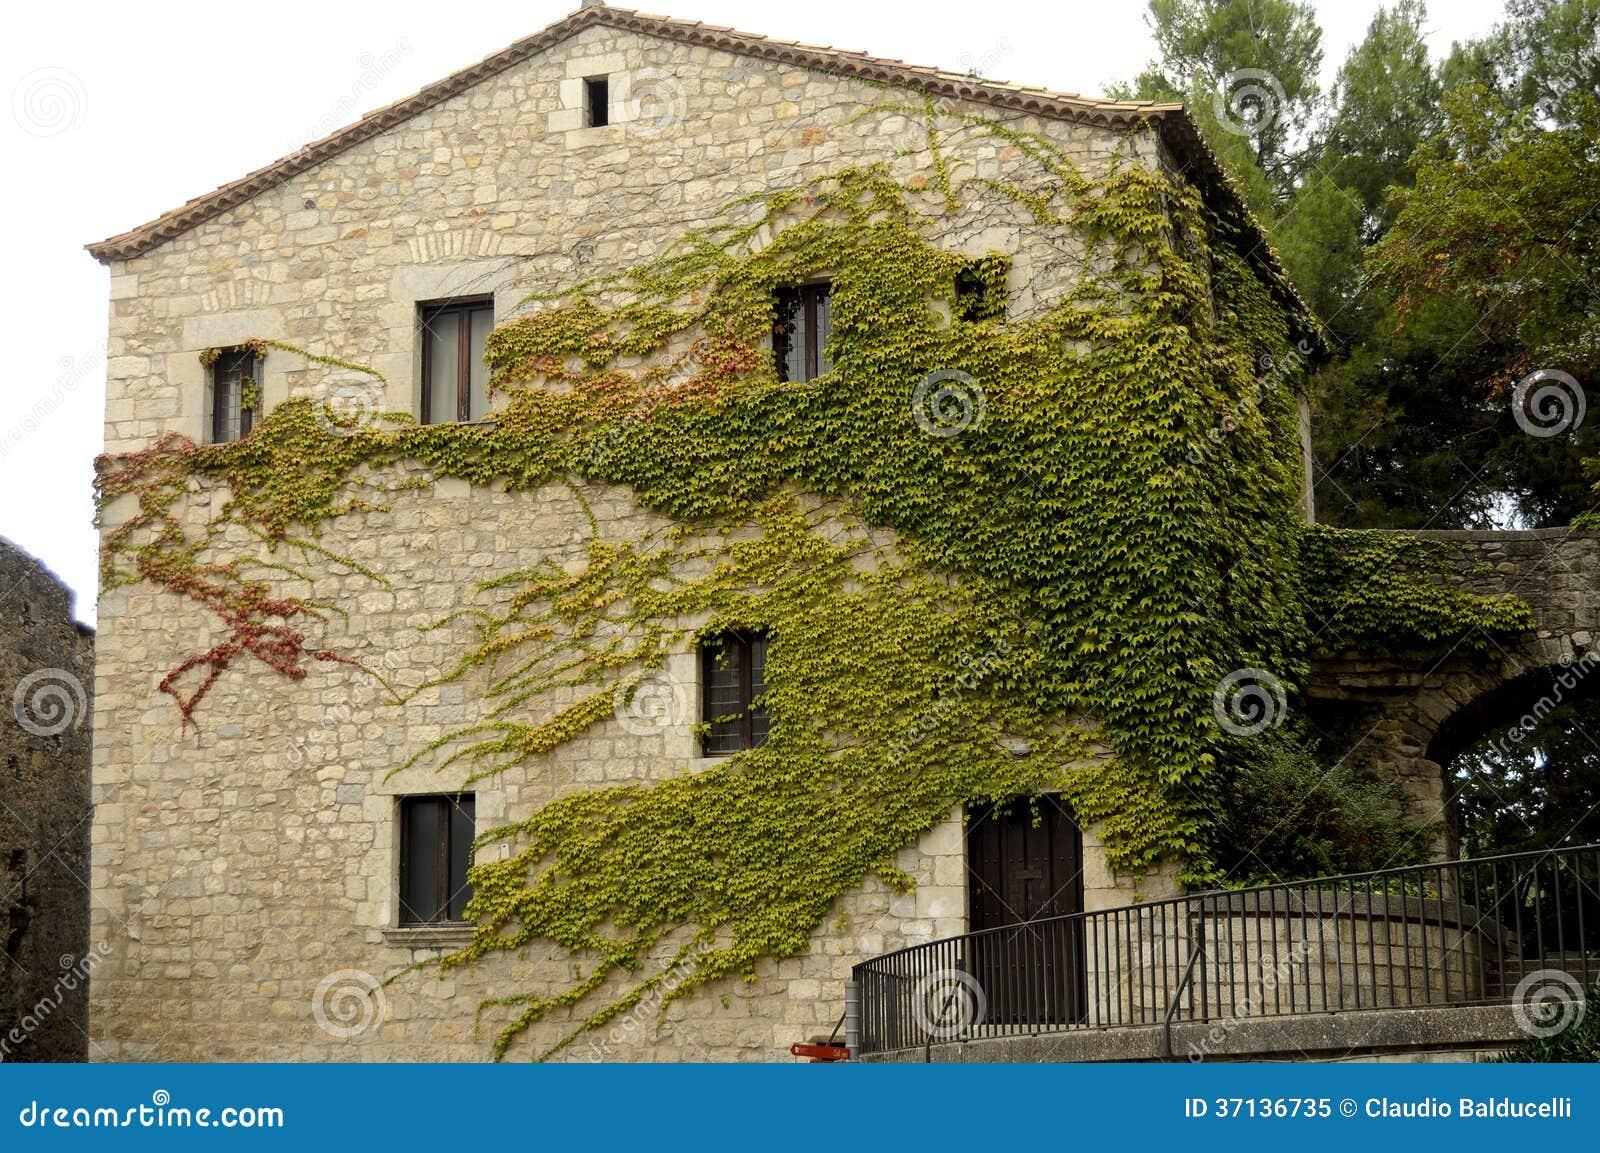 Hiedra en la fachada de la casa foto de archivo libre de for Case ricoperte di edera